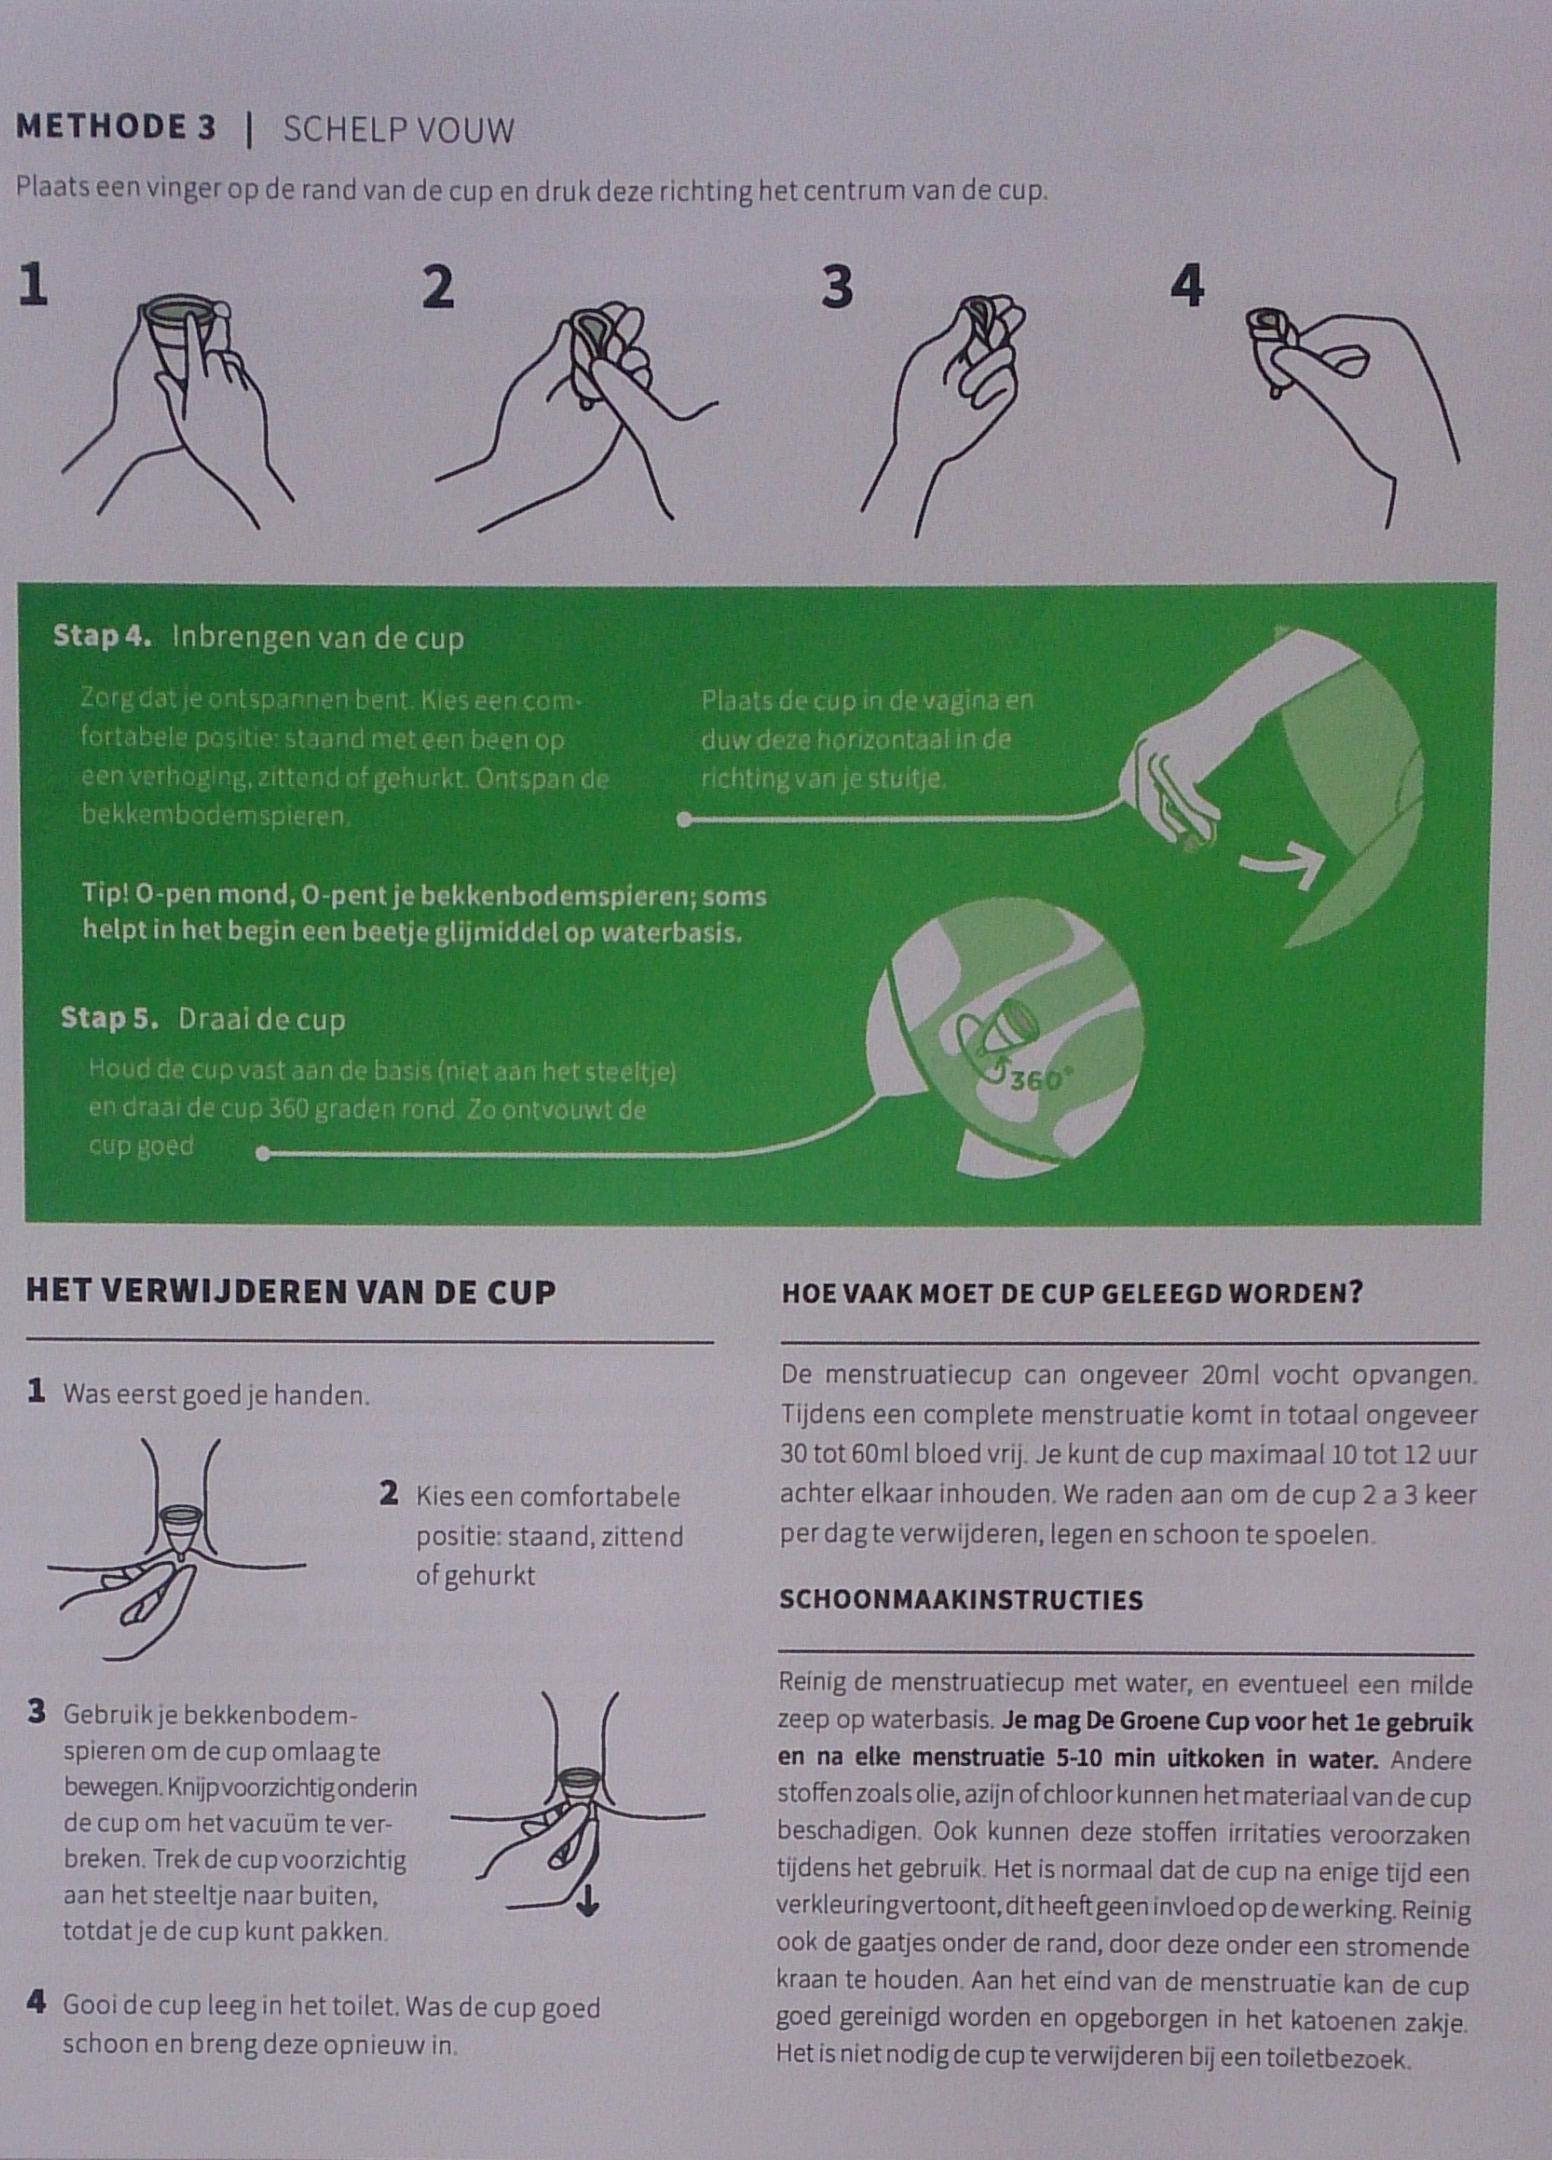 Deel uit de handleiding van De Groene Cup